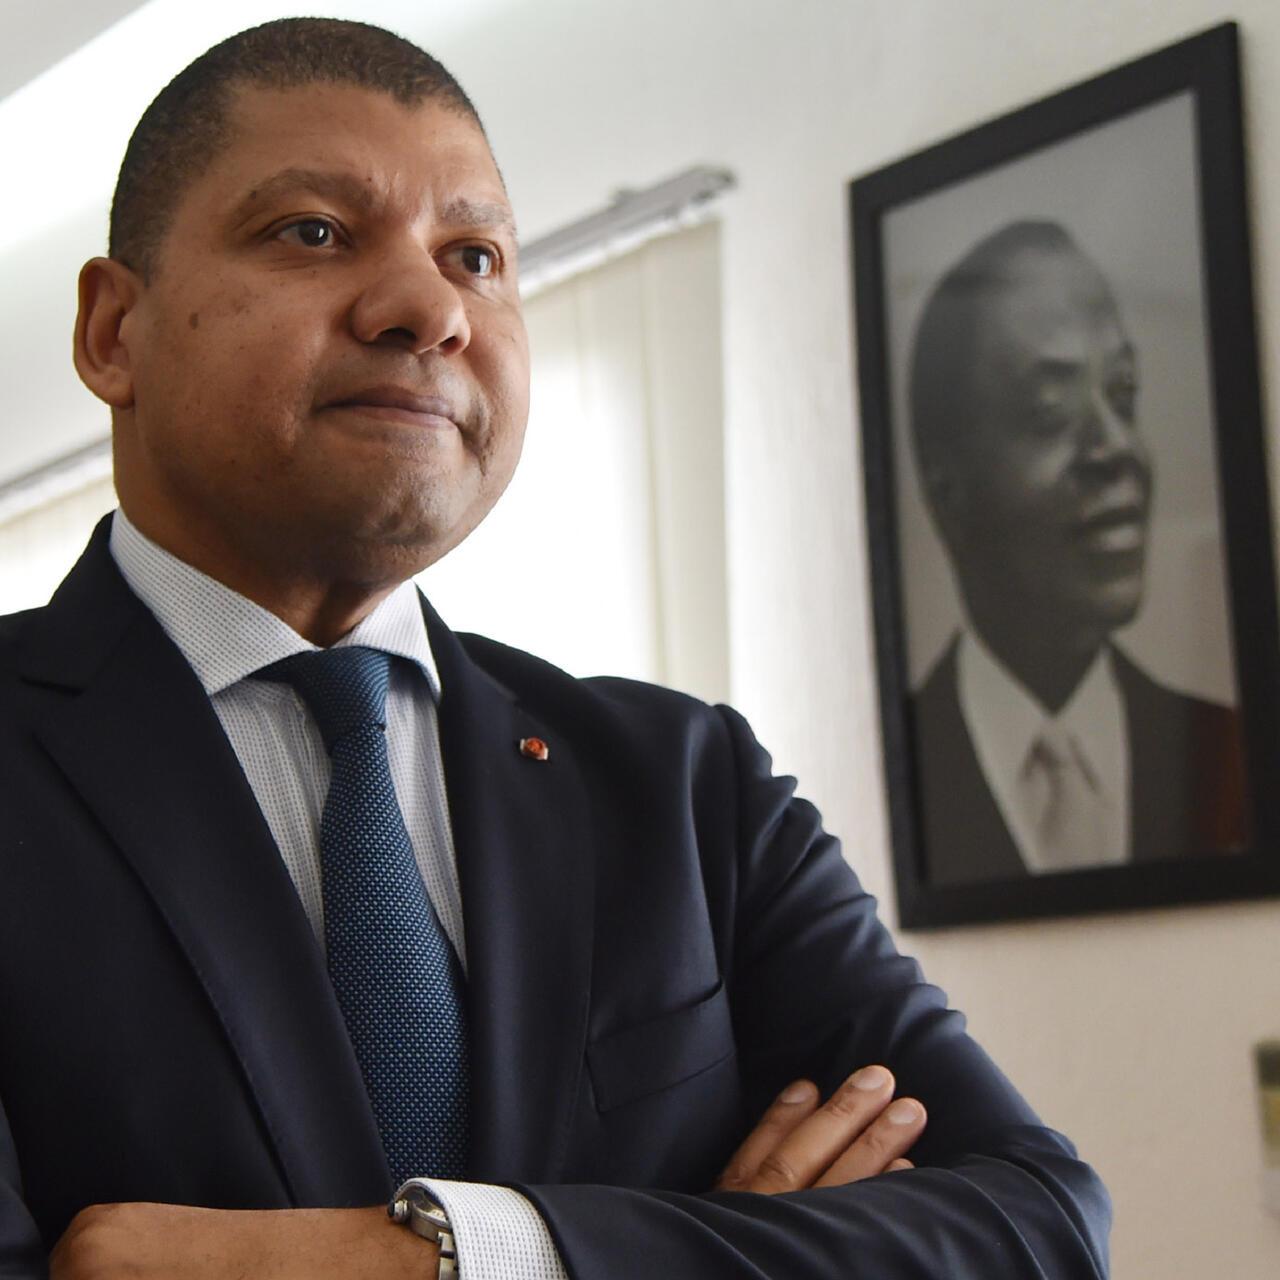 Côte d'Ivoire: candidat ? Jean-Louis Billon réserve sa réponse - Invité  Afrique